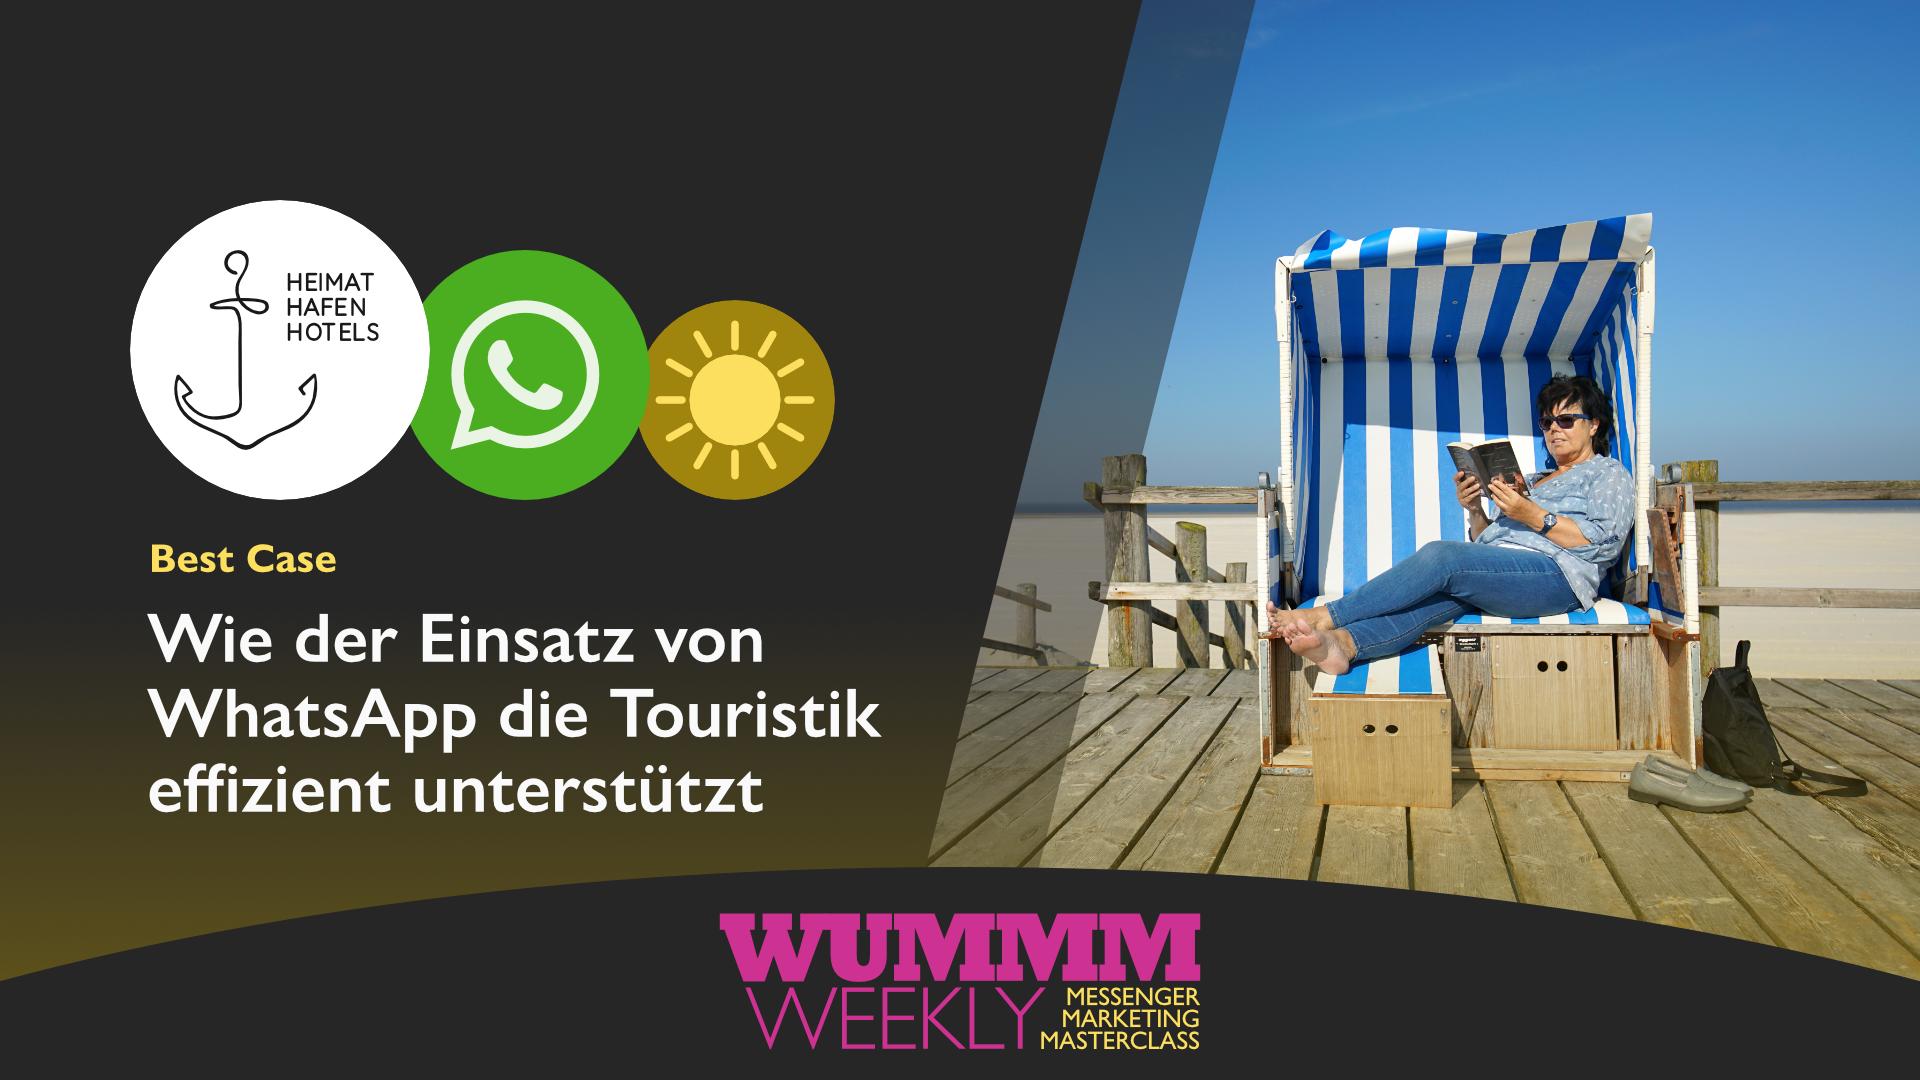 Wummm-weekly, Logo Heimat Hafen Hotels, Logo WhatsApp, WhatsApp in Touristik